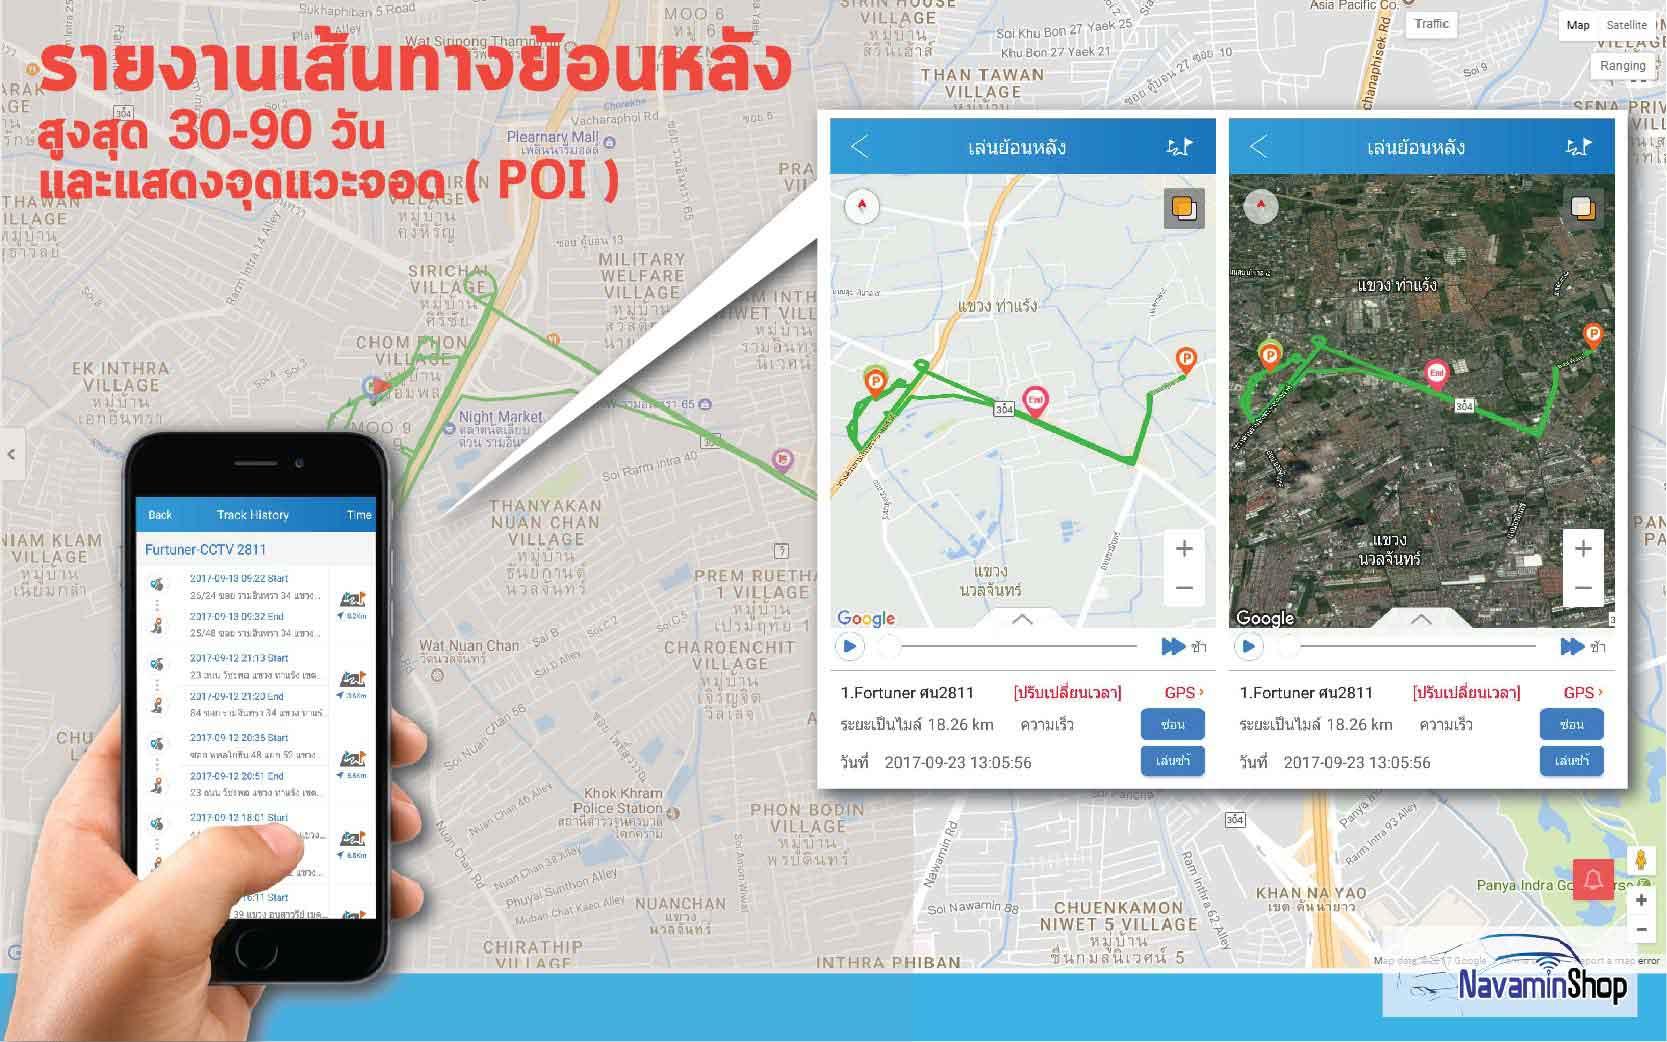 กล้องติดรถยนต์ออนไลน์ผ่านมือถือ3G TRACKER CCTV